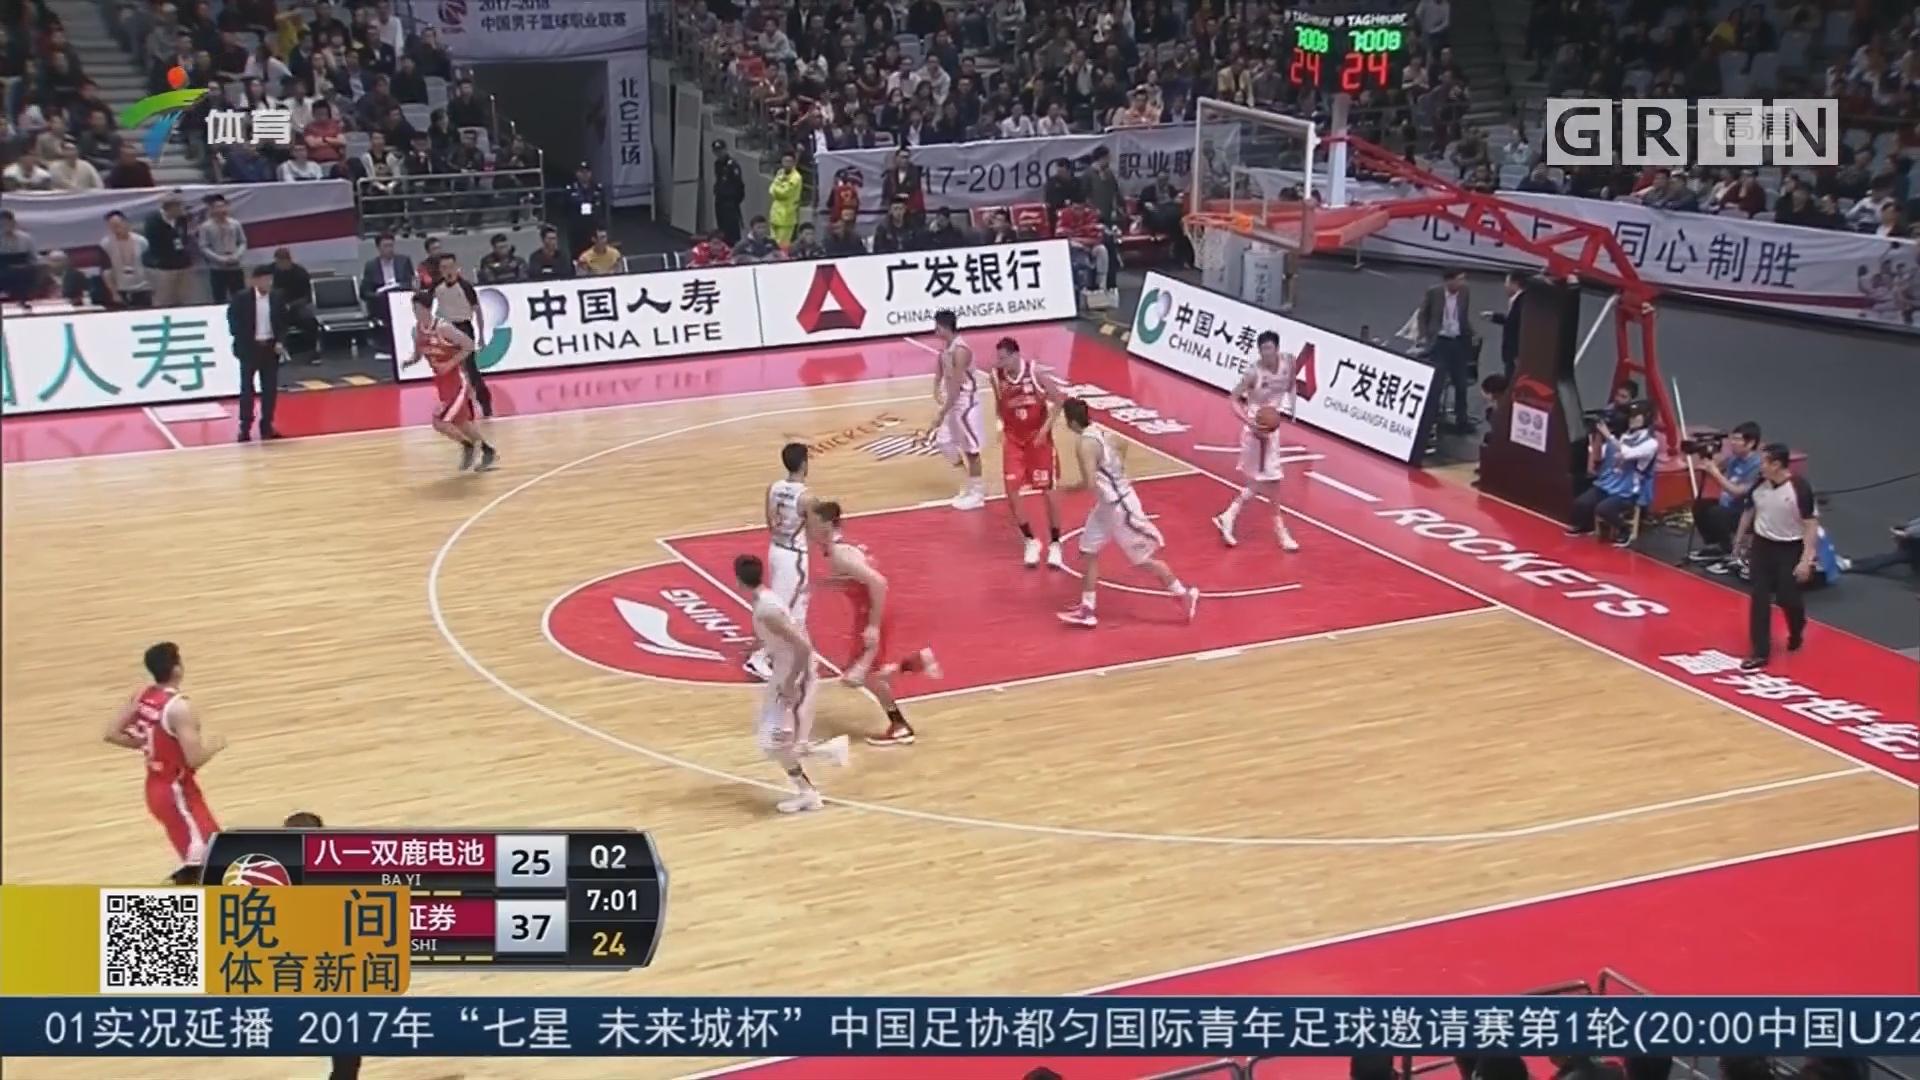 广州队客场一分险胜八一